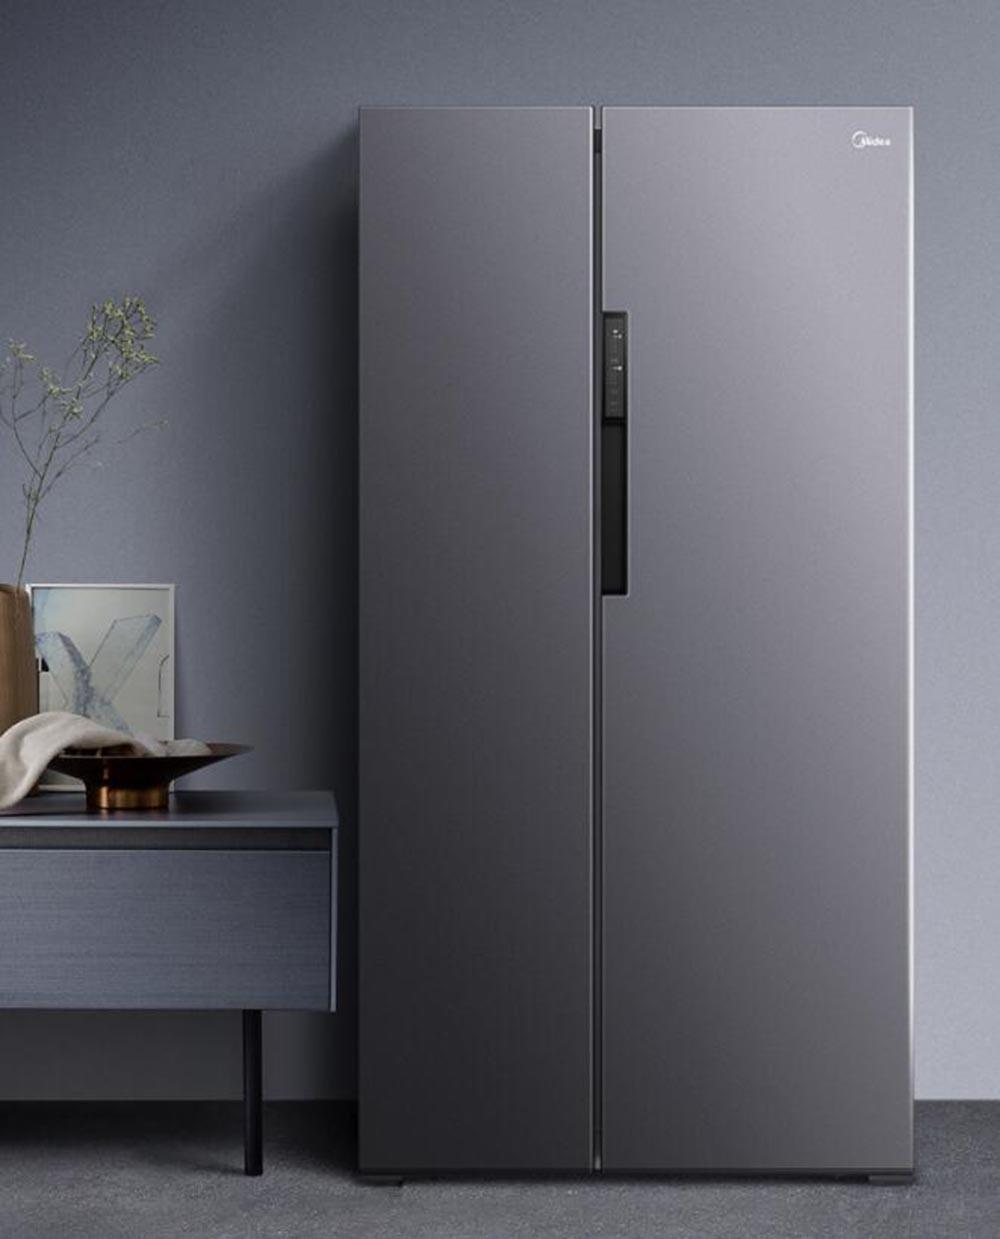 节约电费支出 十款节能冰箱一天仅1元钱